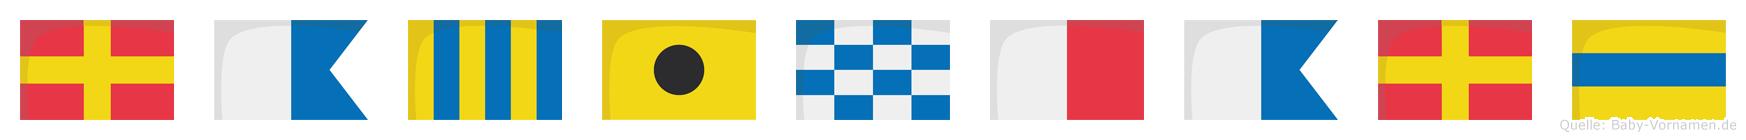 Raginhard im Flaggenalphabet